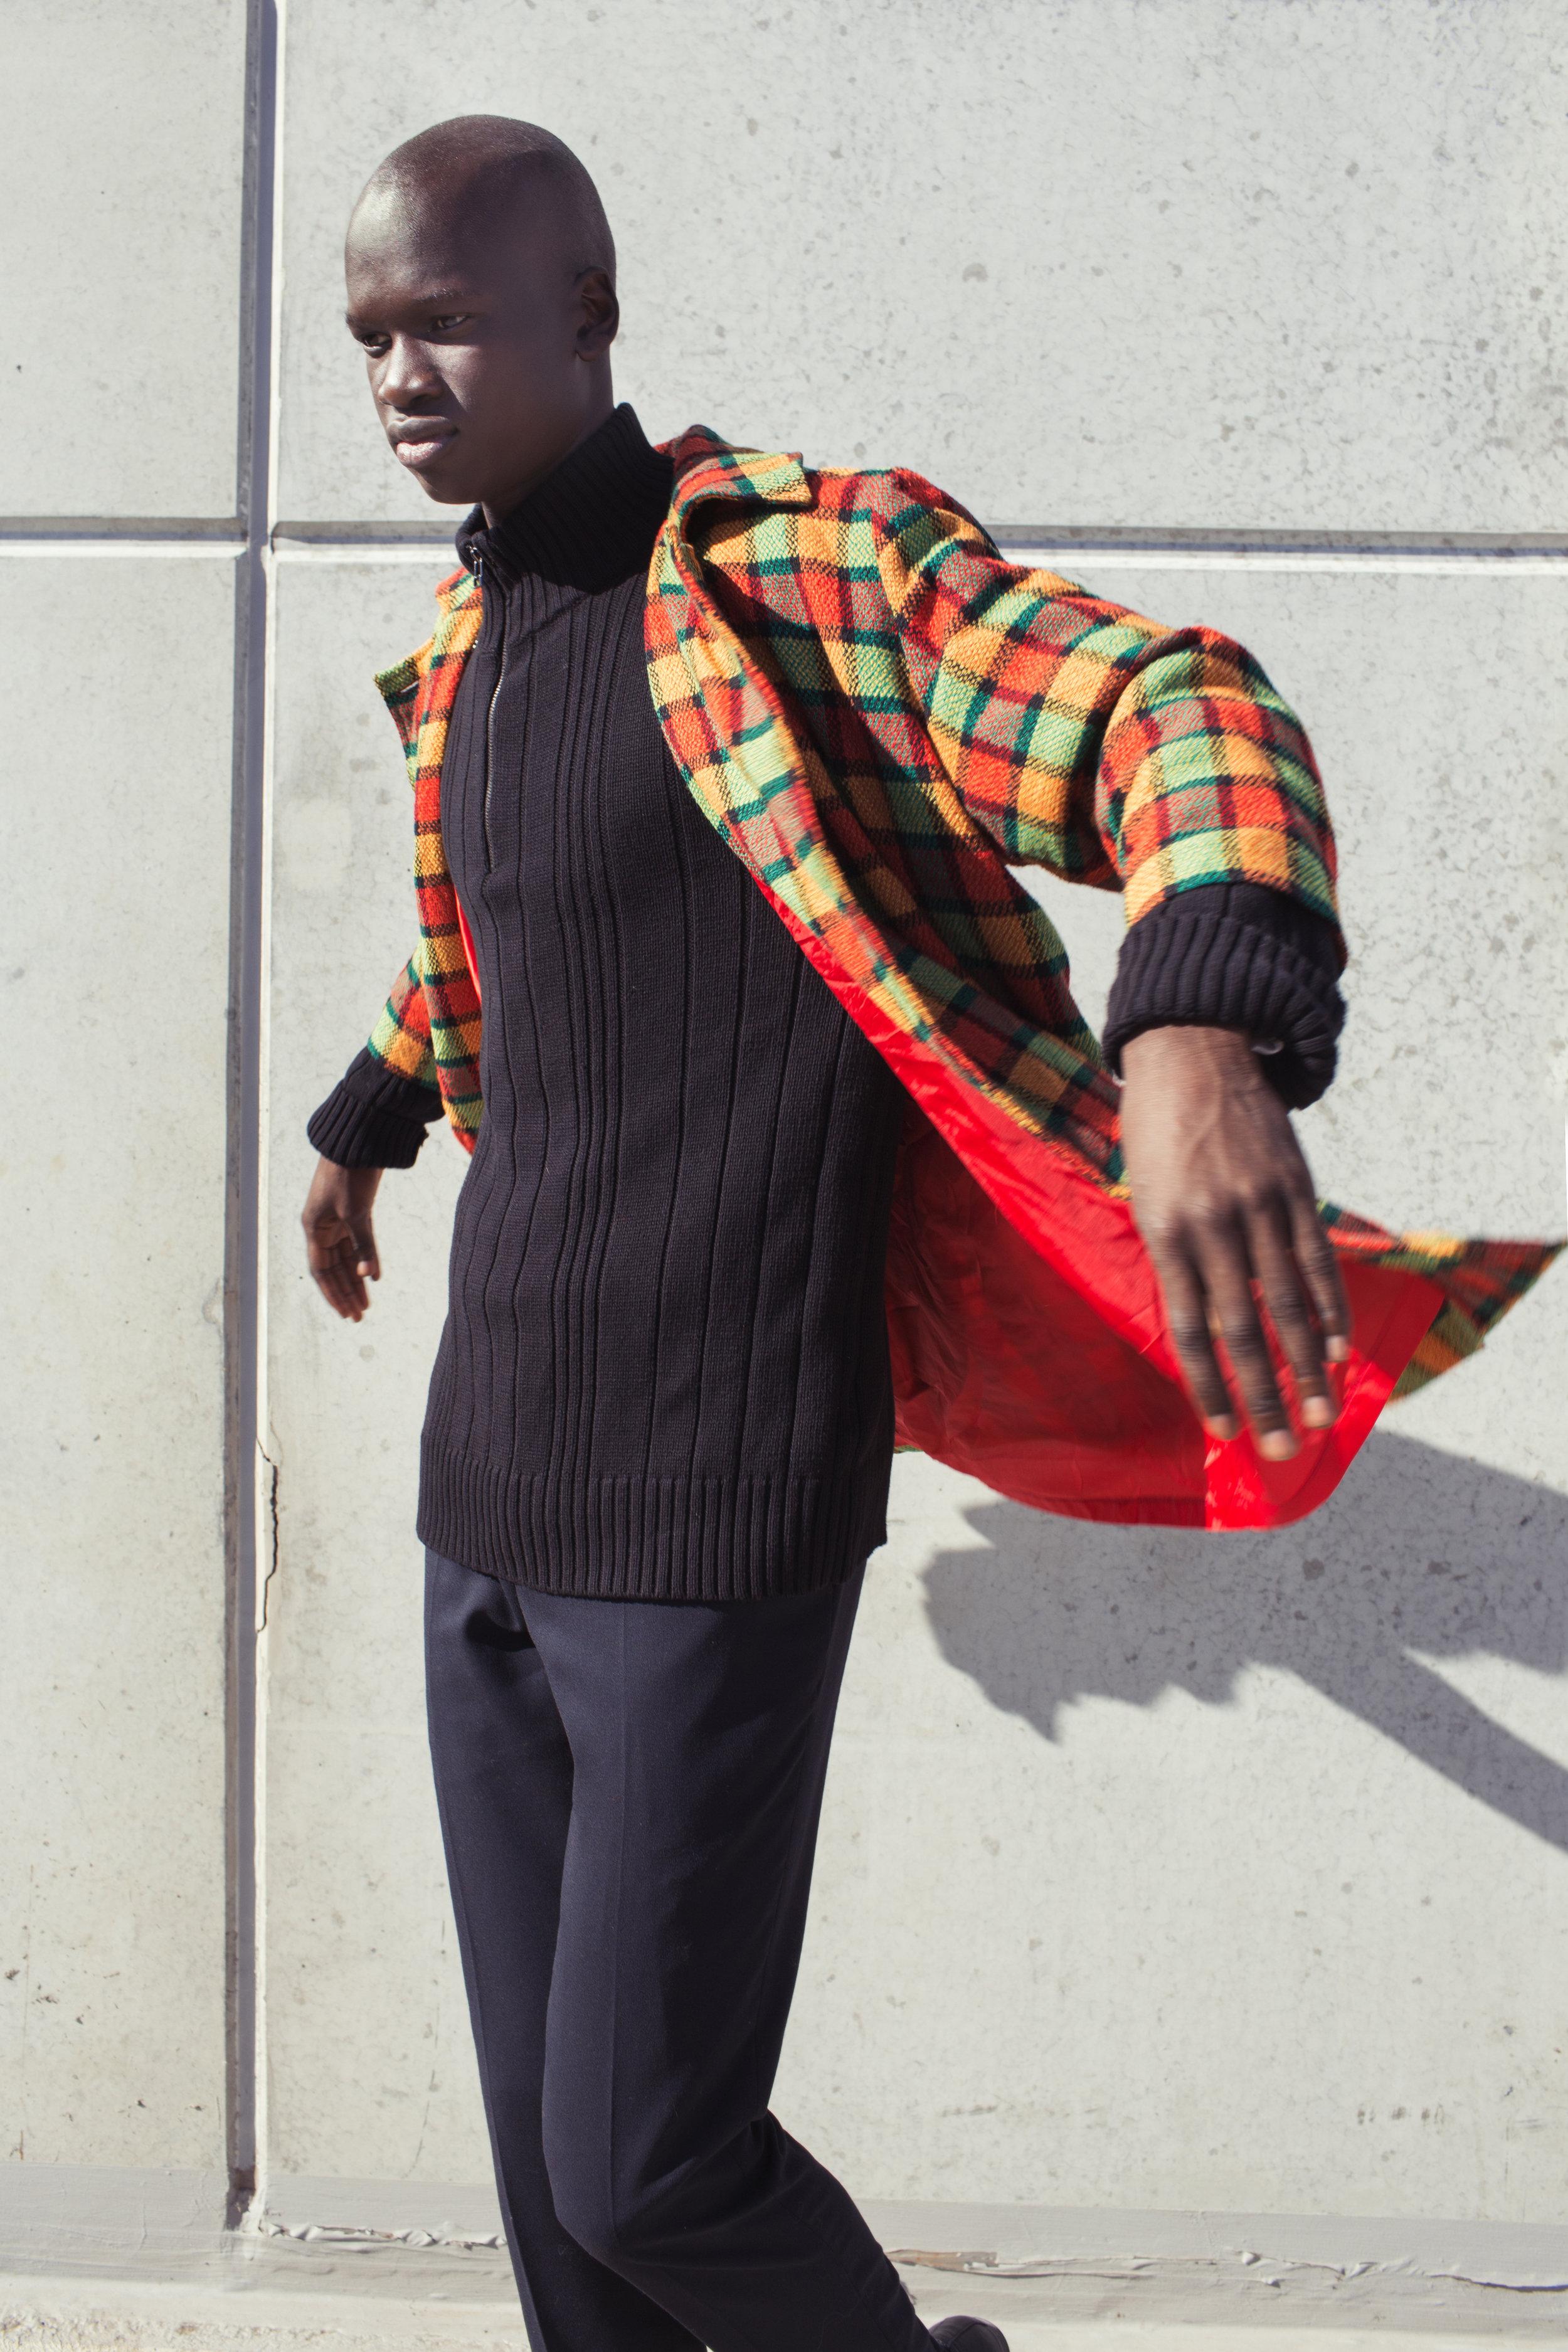 trousers   BELL & BARNETT ,  jacket   ROSALIA VARI